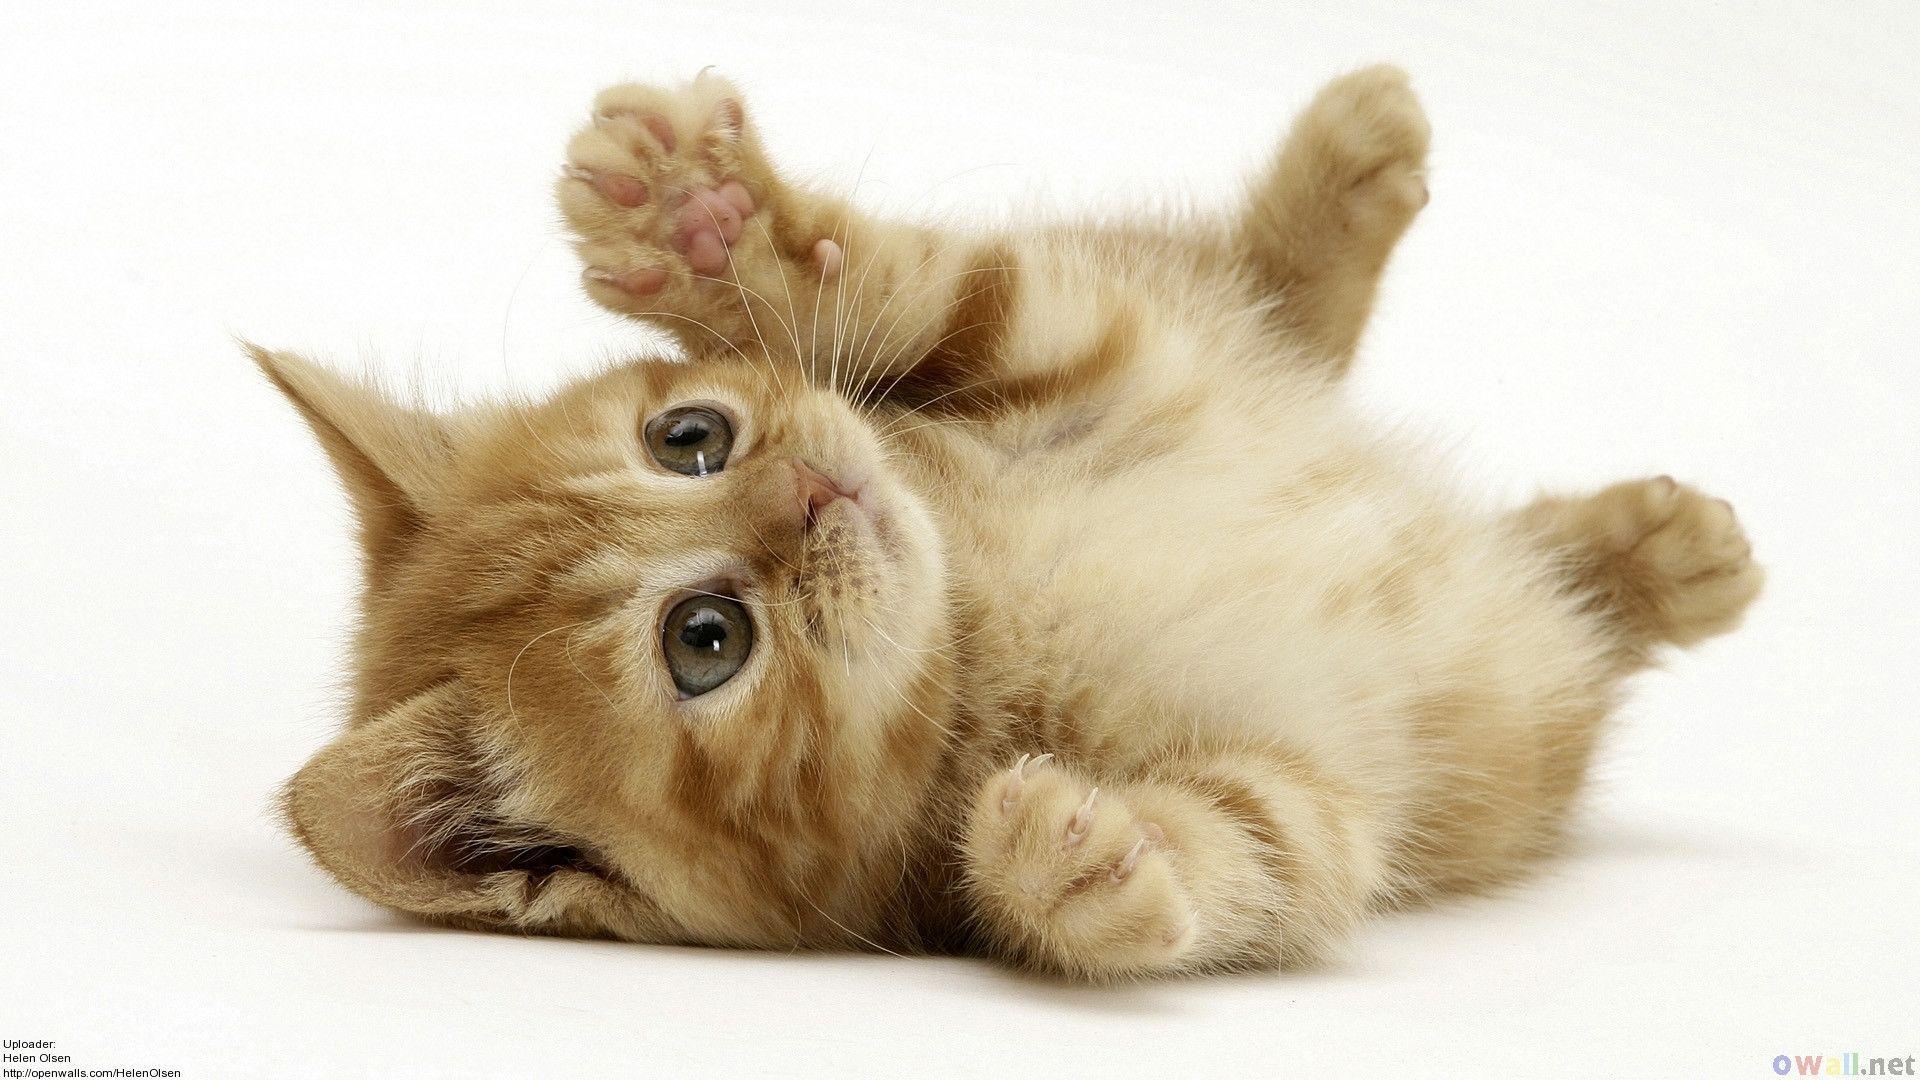 Wallpapers For > Funny Kitten Wallpaper